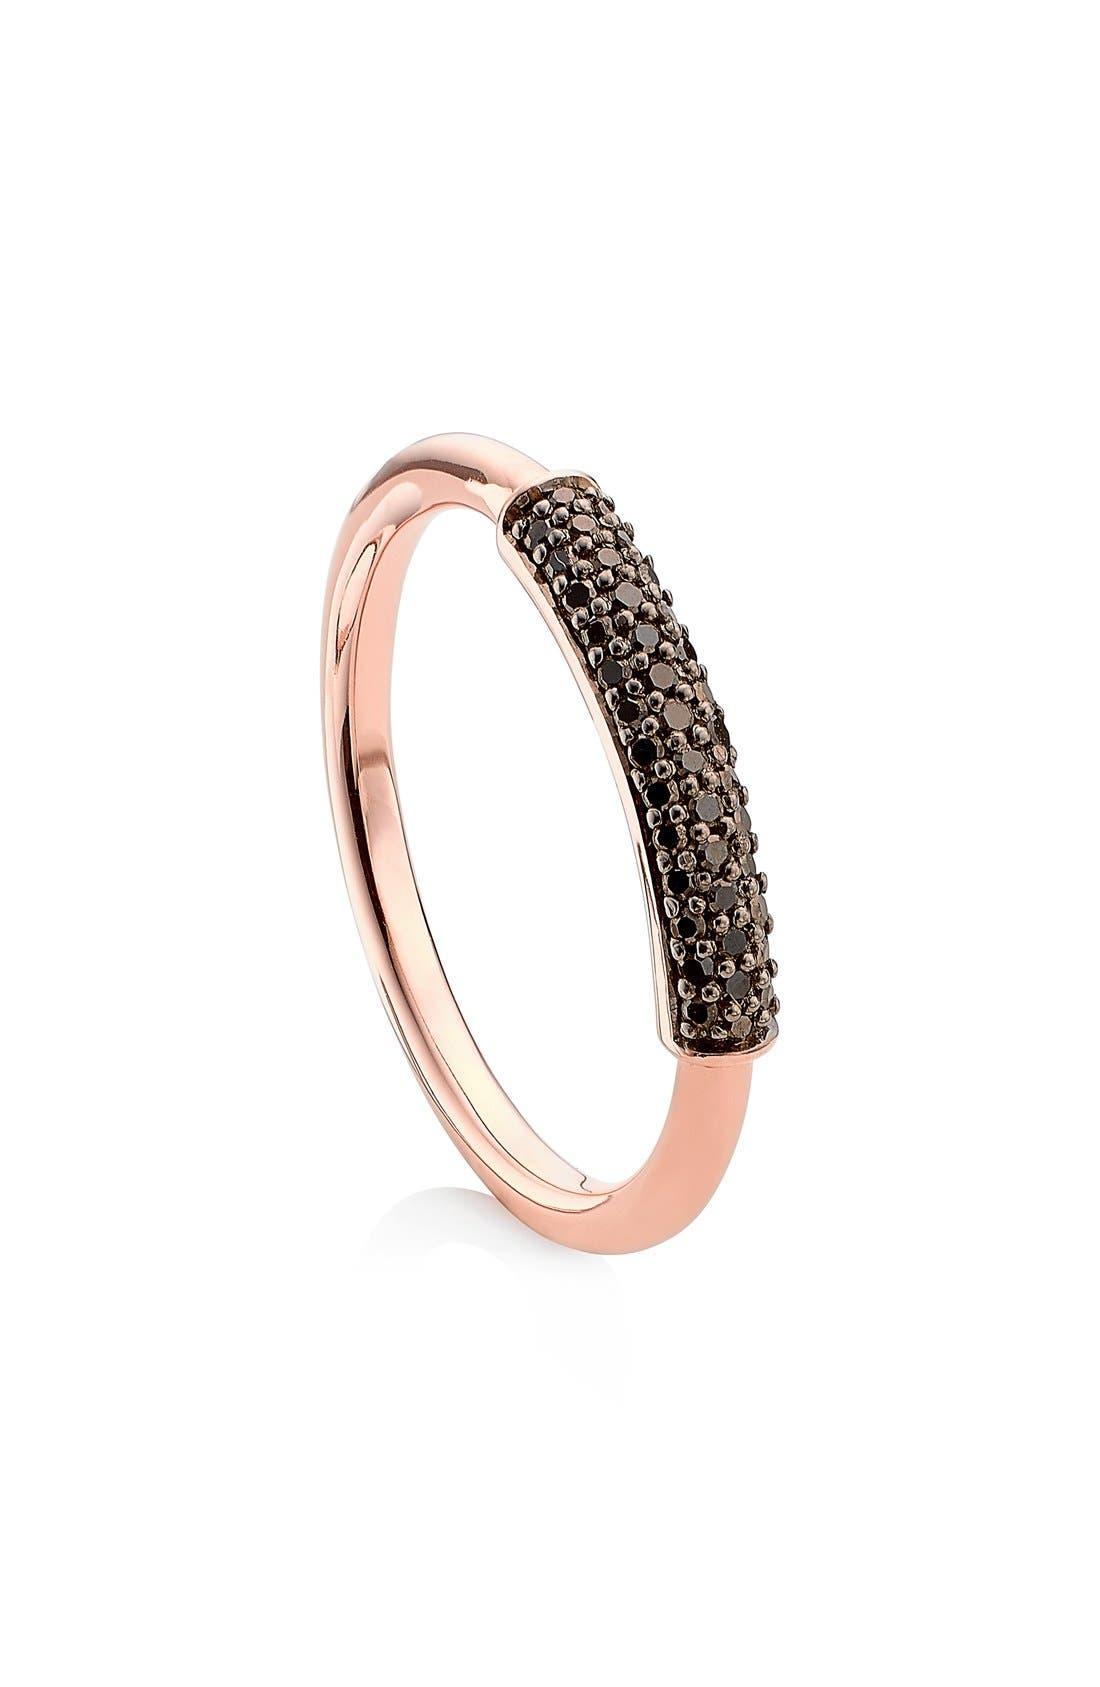 'Stellar' Diamond Band Ring,                             Main thumbnail 1, color,                             001